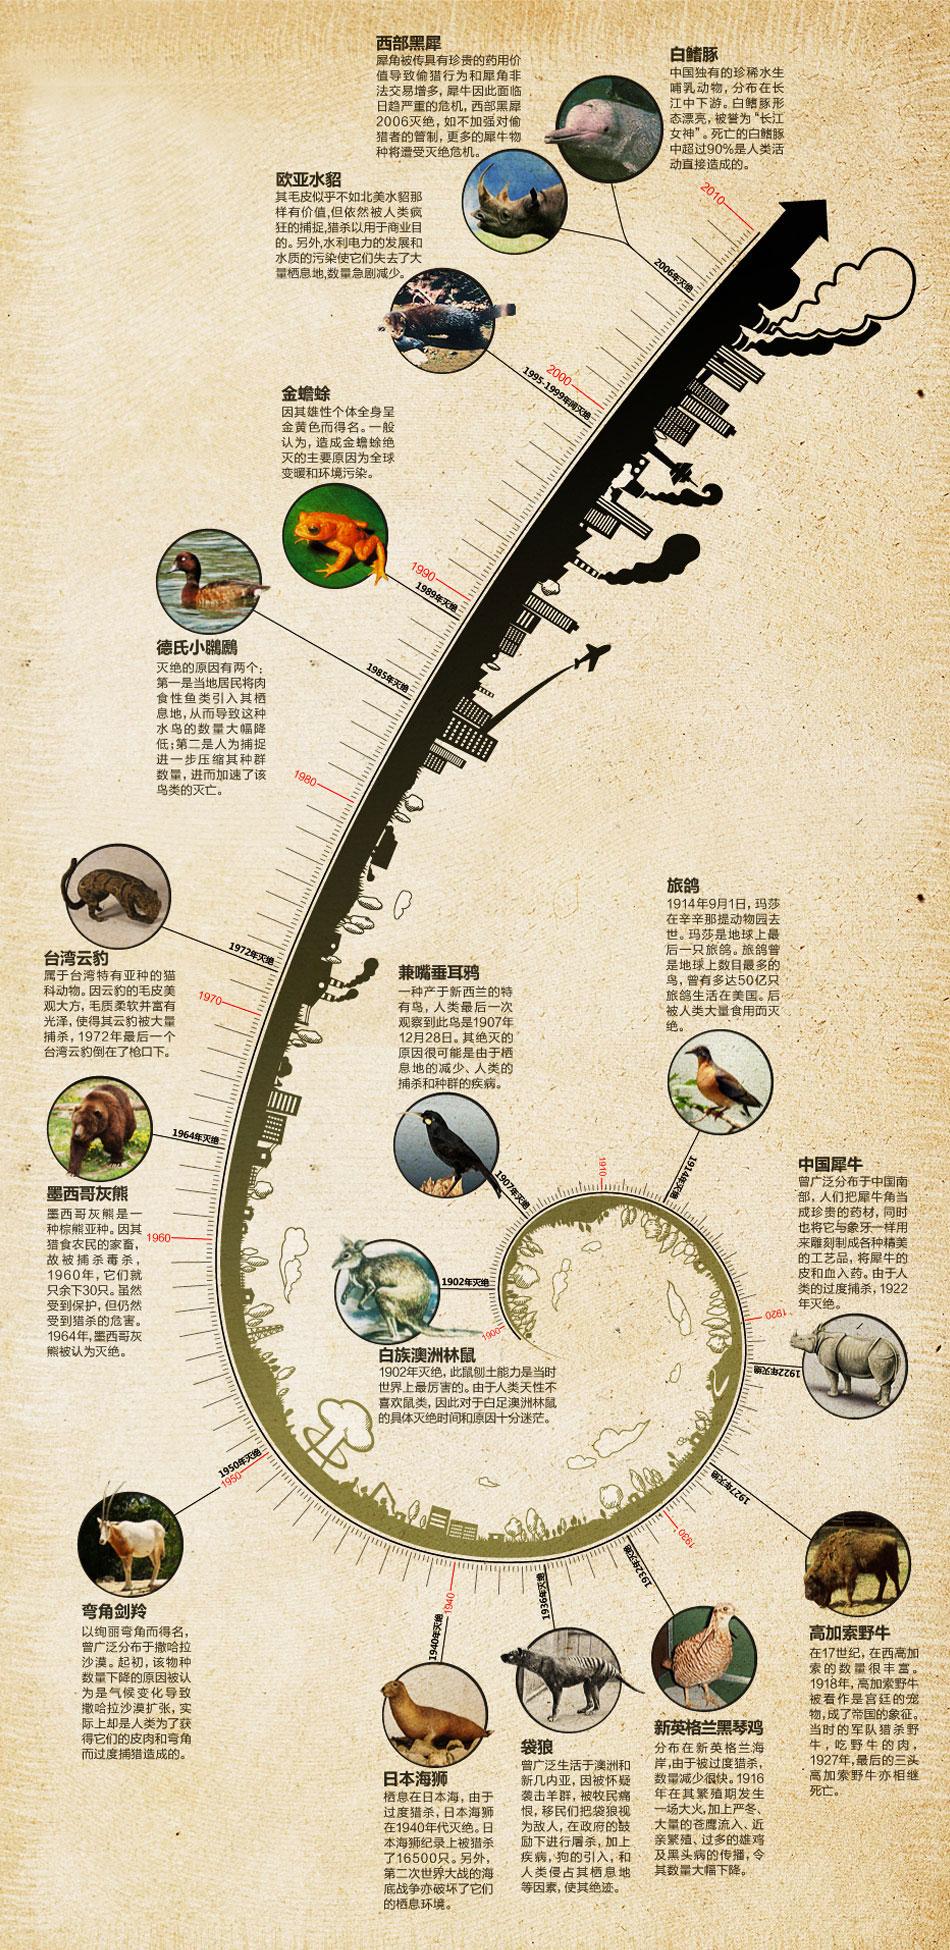 灭绝的野生动物-绿色频道